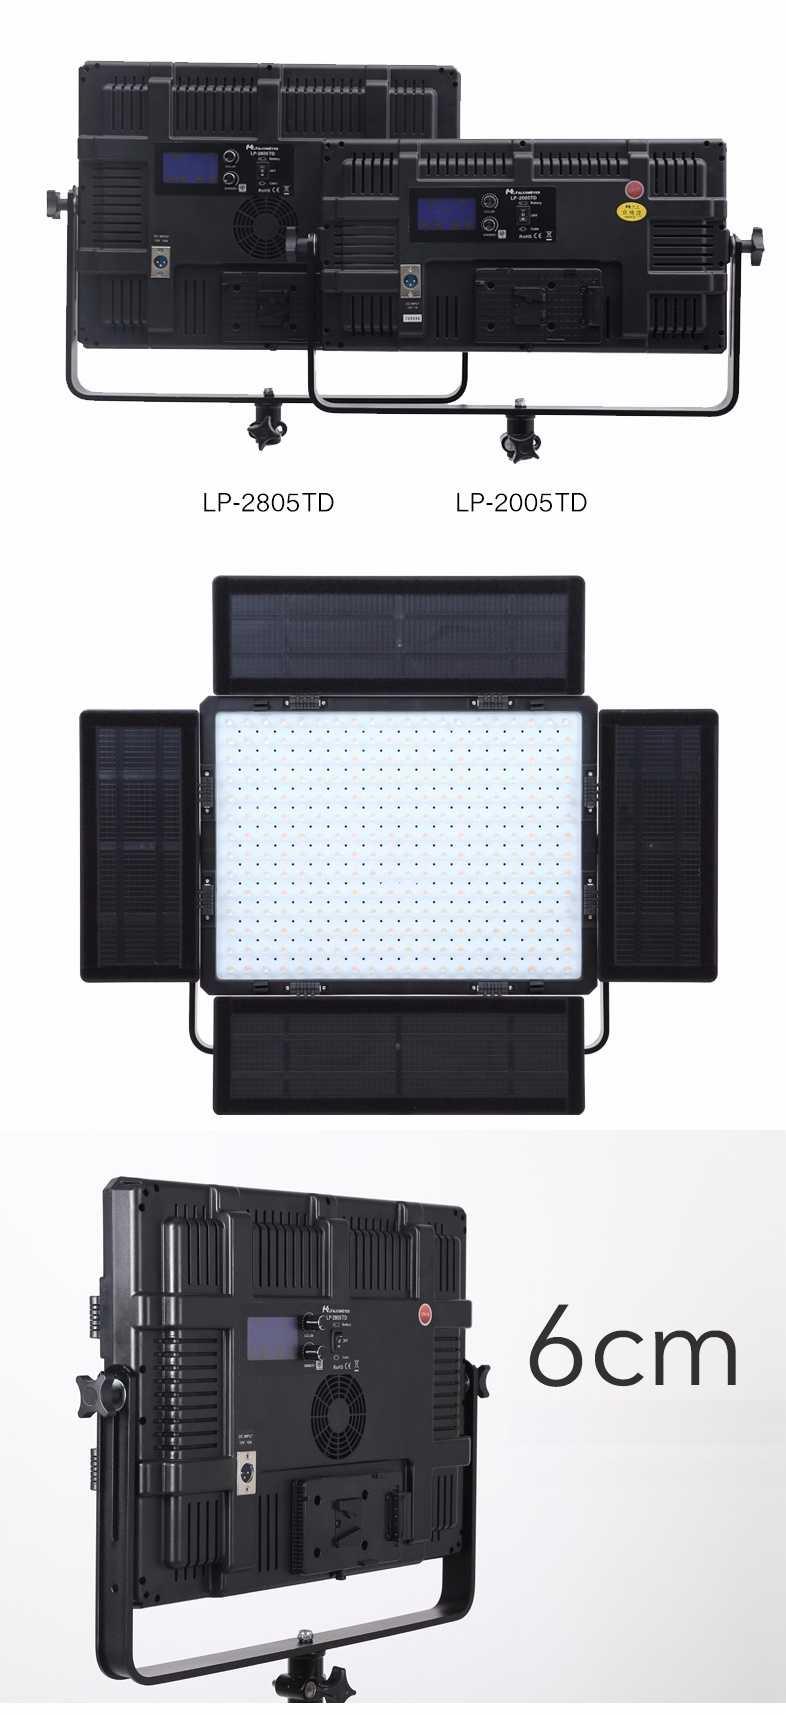 den-led-lp-2805td-falconeyes-2